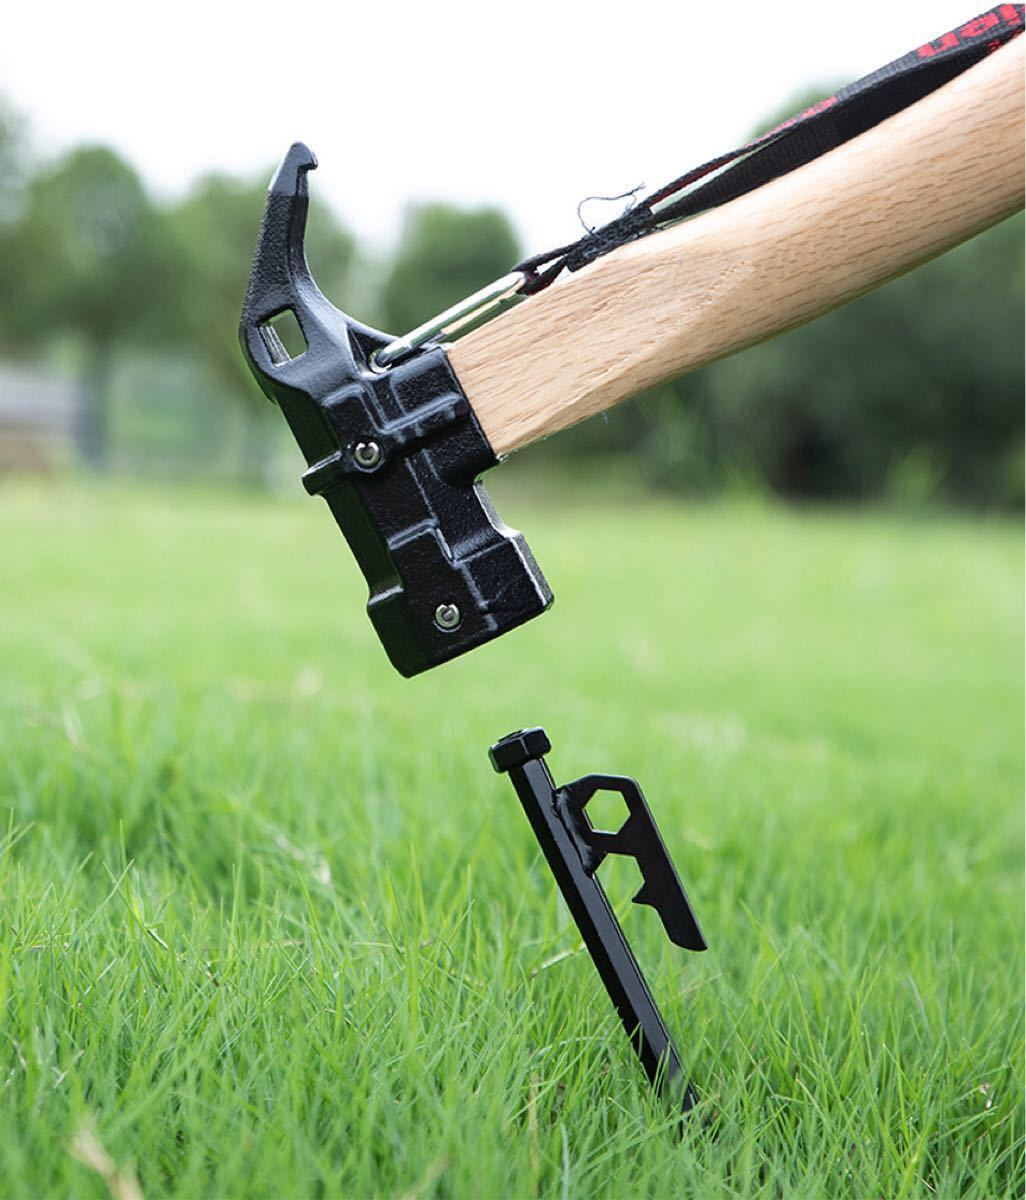 ペグハンマー 鋳鋼 真鍮 ペグ打ち込み 衝撃緩和 キャンプ用品 ハンマー